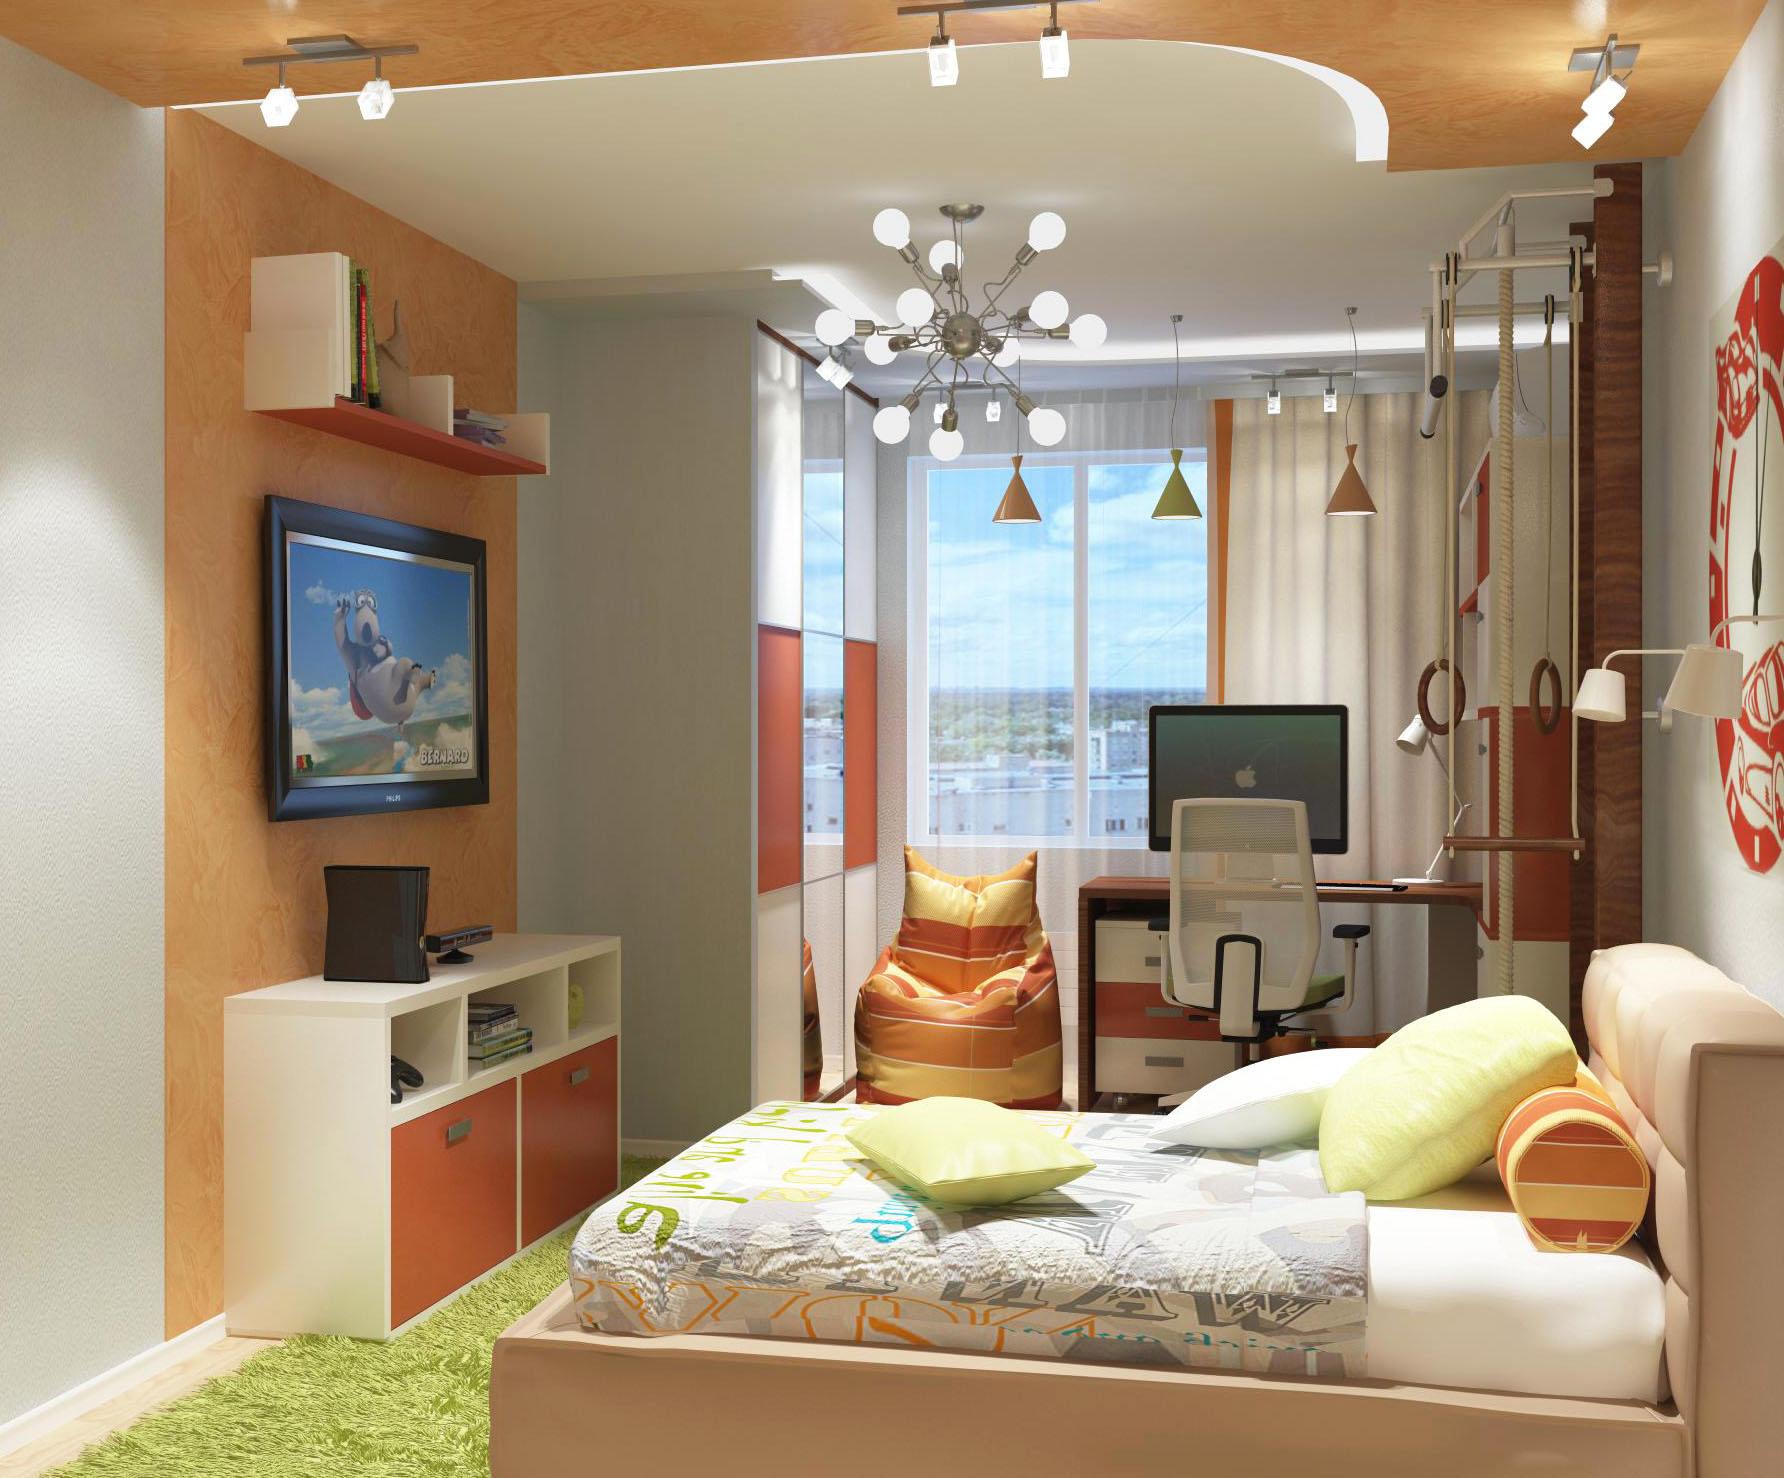 Как сделать комнату уютной без ремонта фото 723